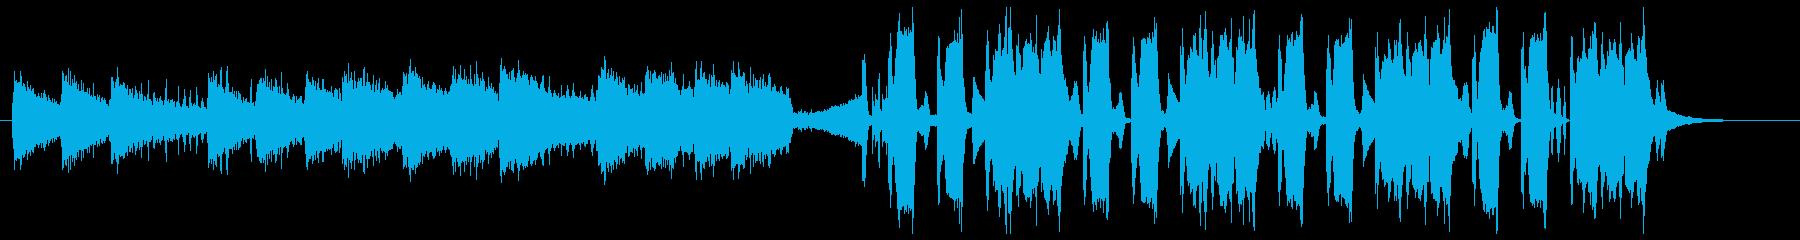 淡々とした少し緩い変則ビートの再生済みの波形